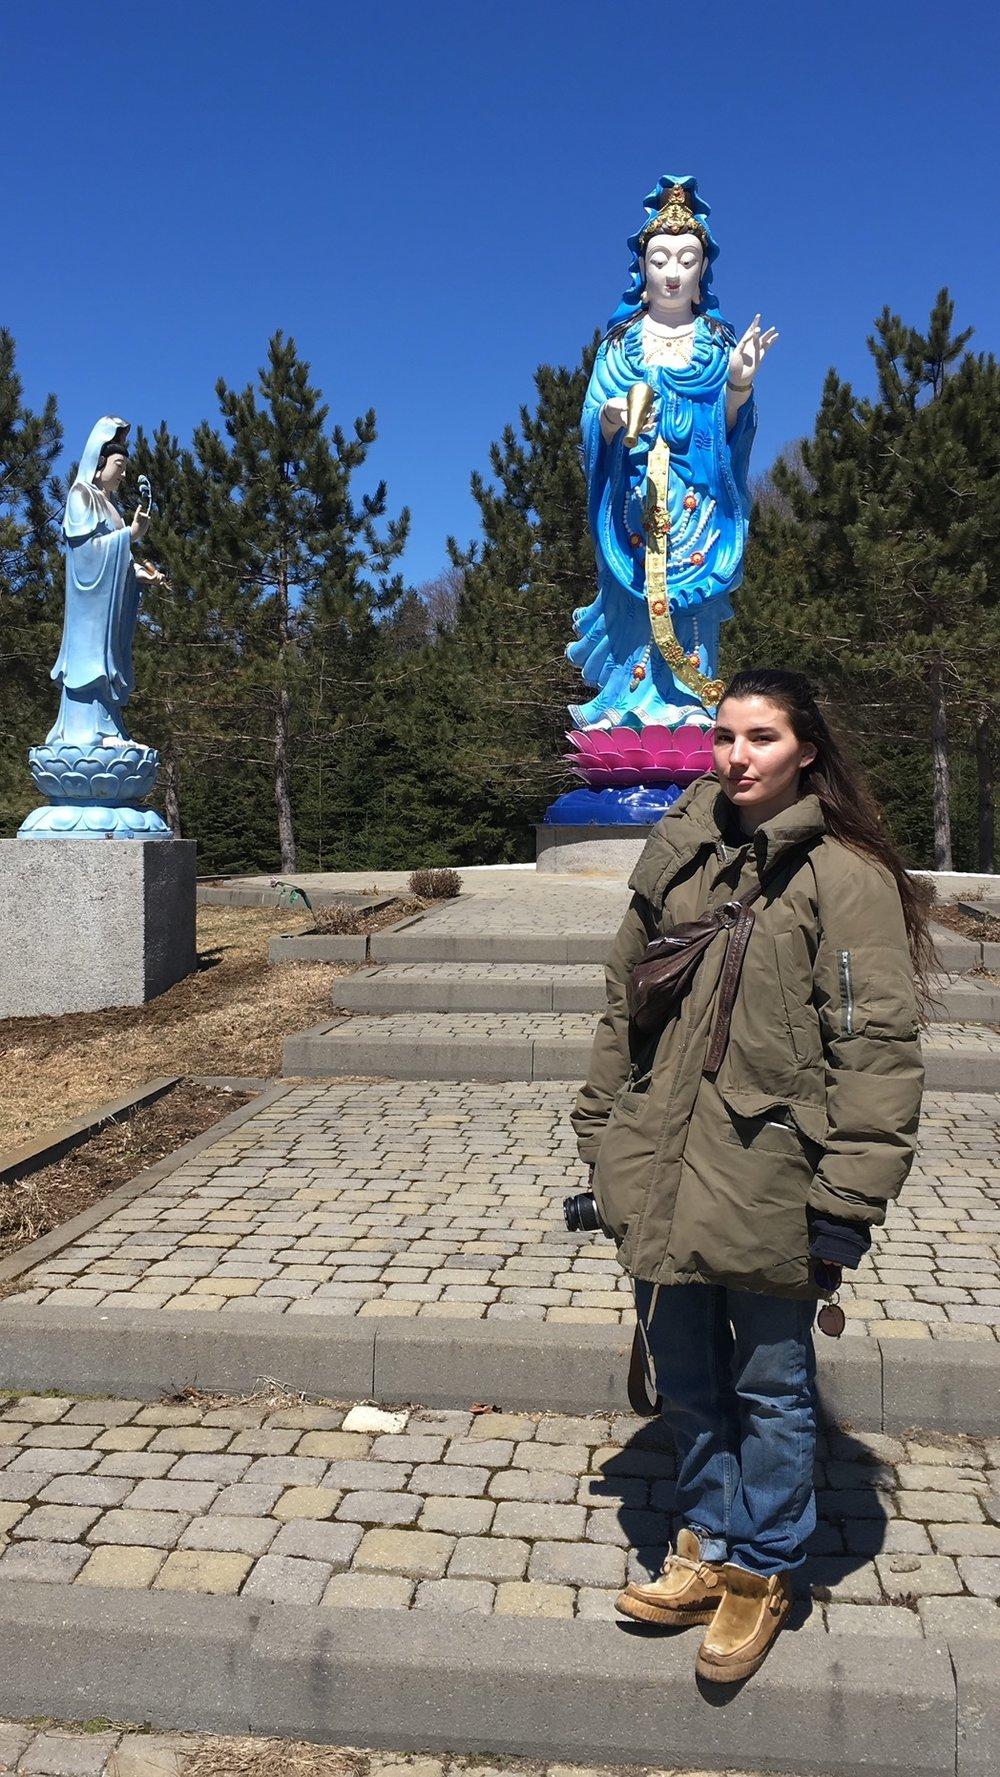 / - Visiting the Tam Bao Son Monastery